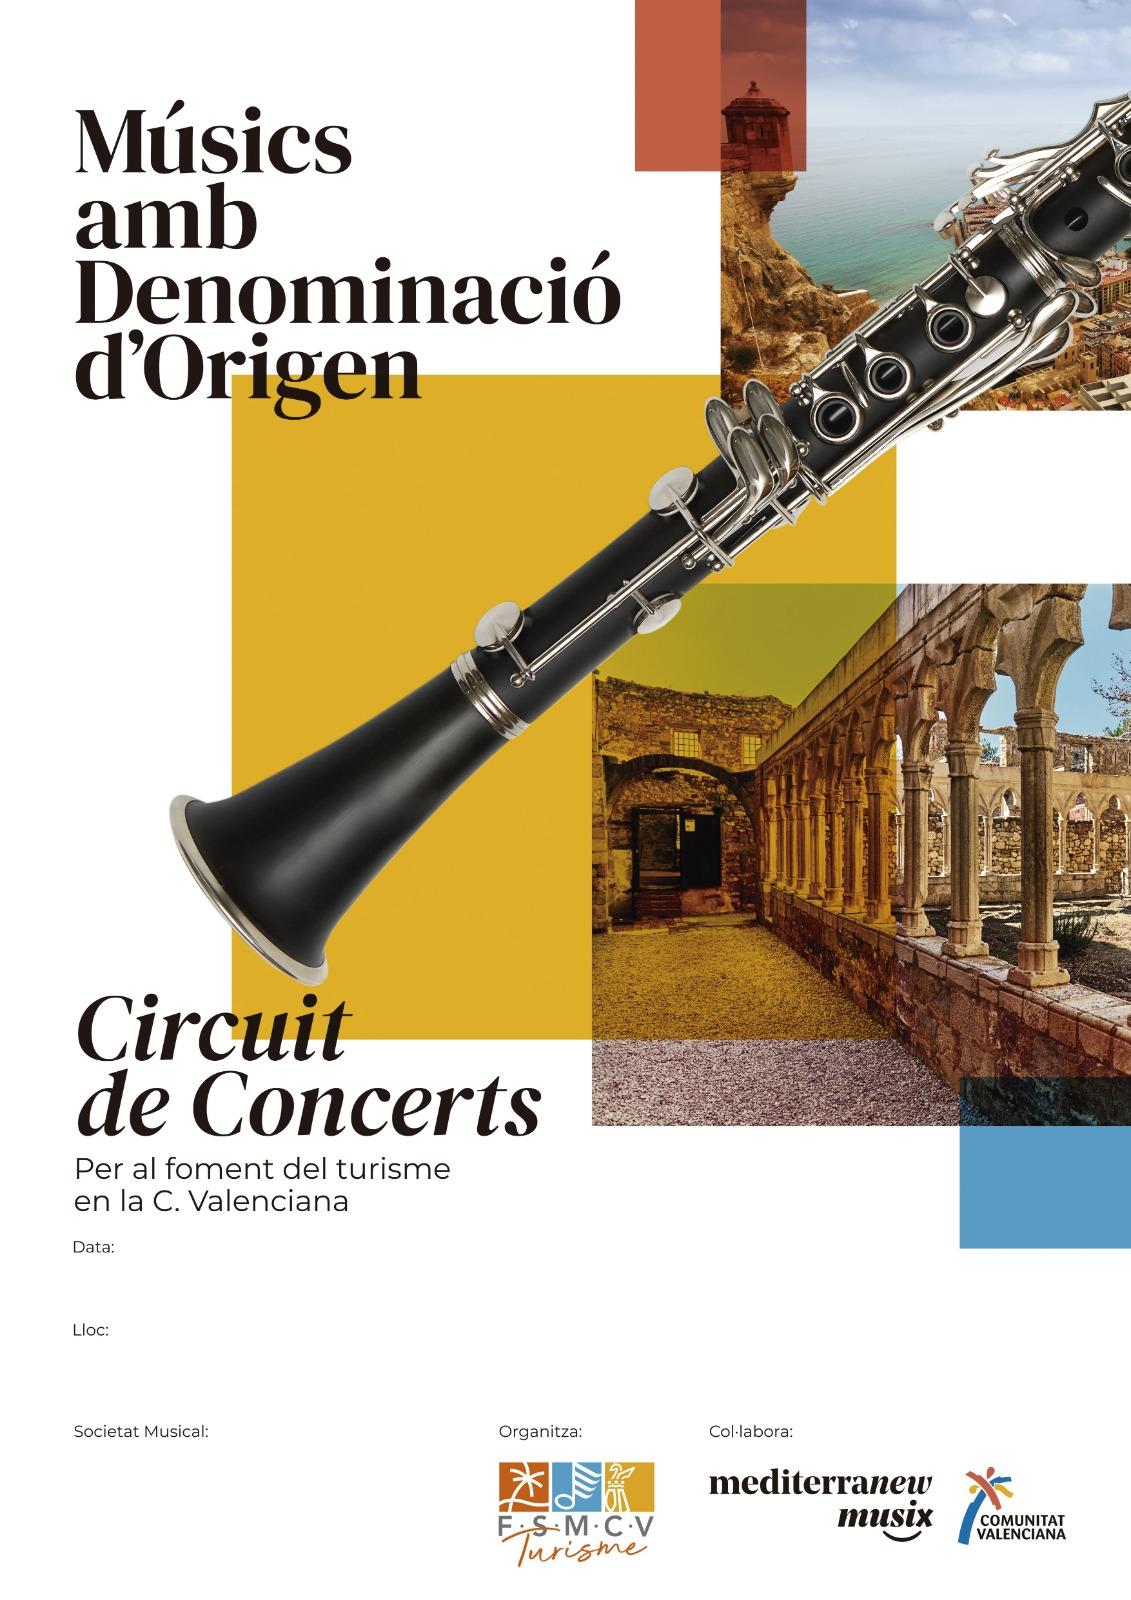 Més de 80 societats musicals participaran en el circuit de concerts 'Músics amb Denominació d'Origen'